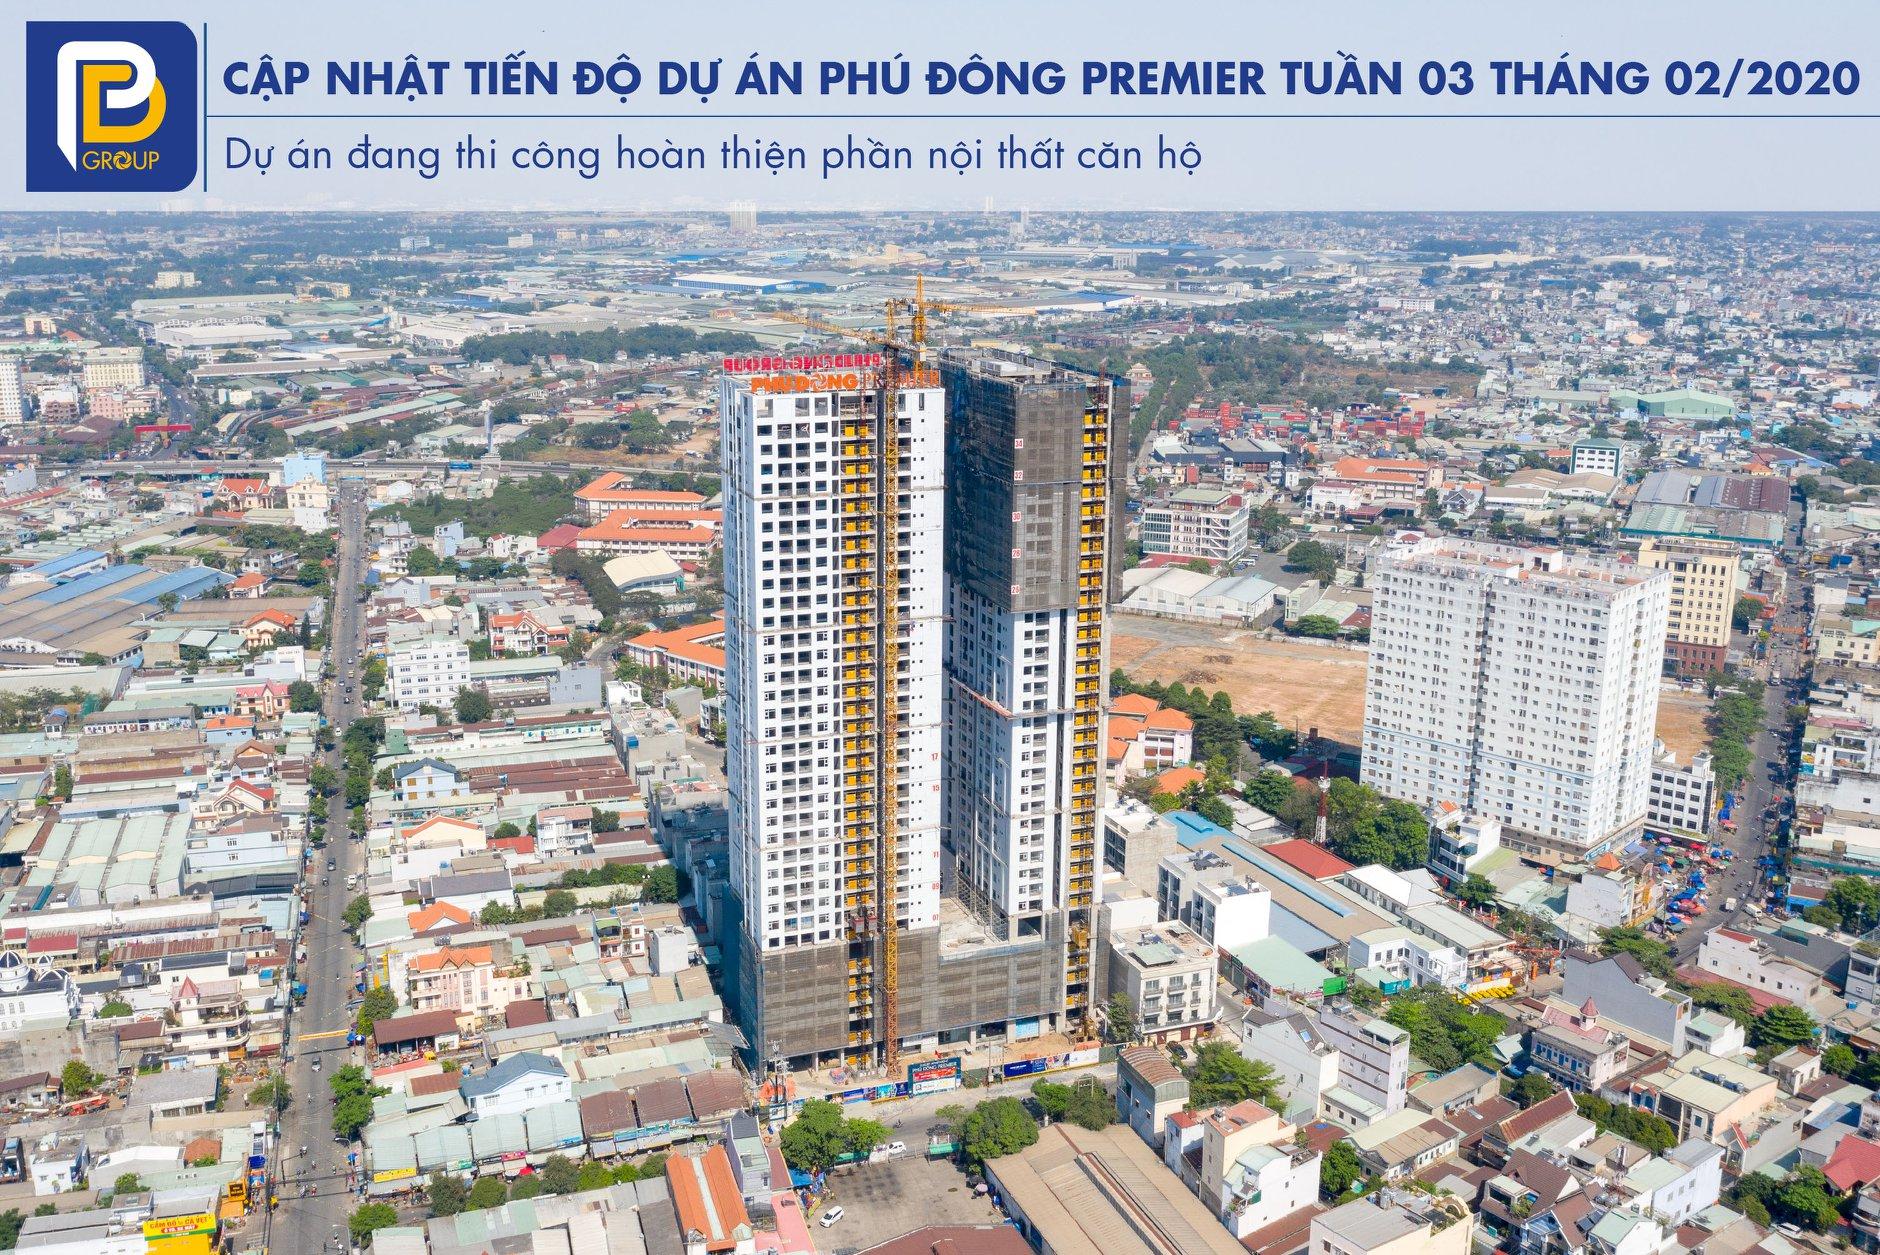 Tiến độ xây dựng căn hộ Phú Đông Premier tháng 02/2020